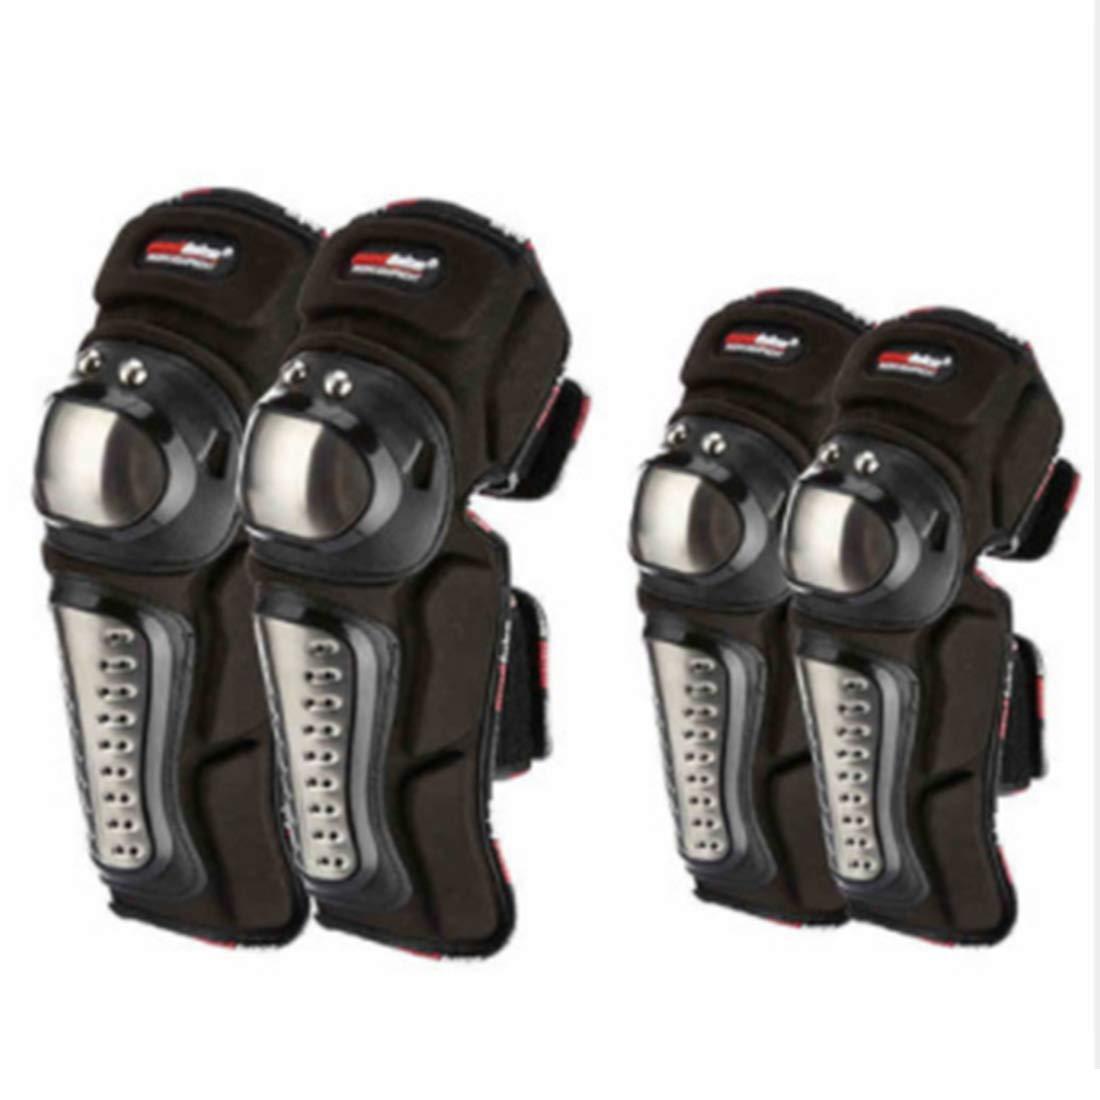 Cvthfyk Motorrad Ellbogen- und Knieschützer Outdoor-Reiten Anti-Fall-Schutzausrüstung Motocross Radfahren Protector Guard Armors Set für Radfahren Skating Skifahren Riding-4pcs (Size : One Set)